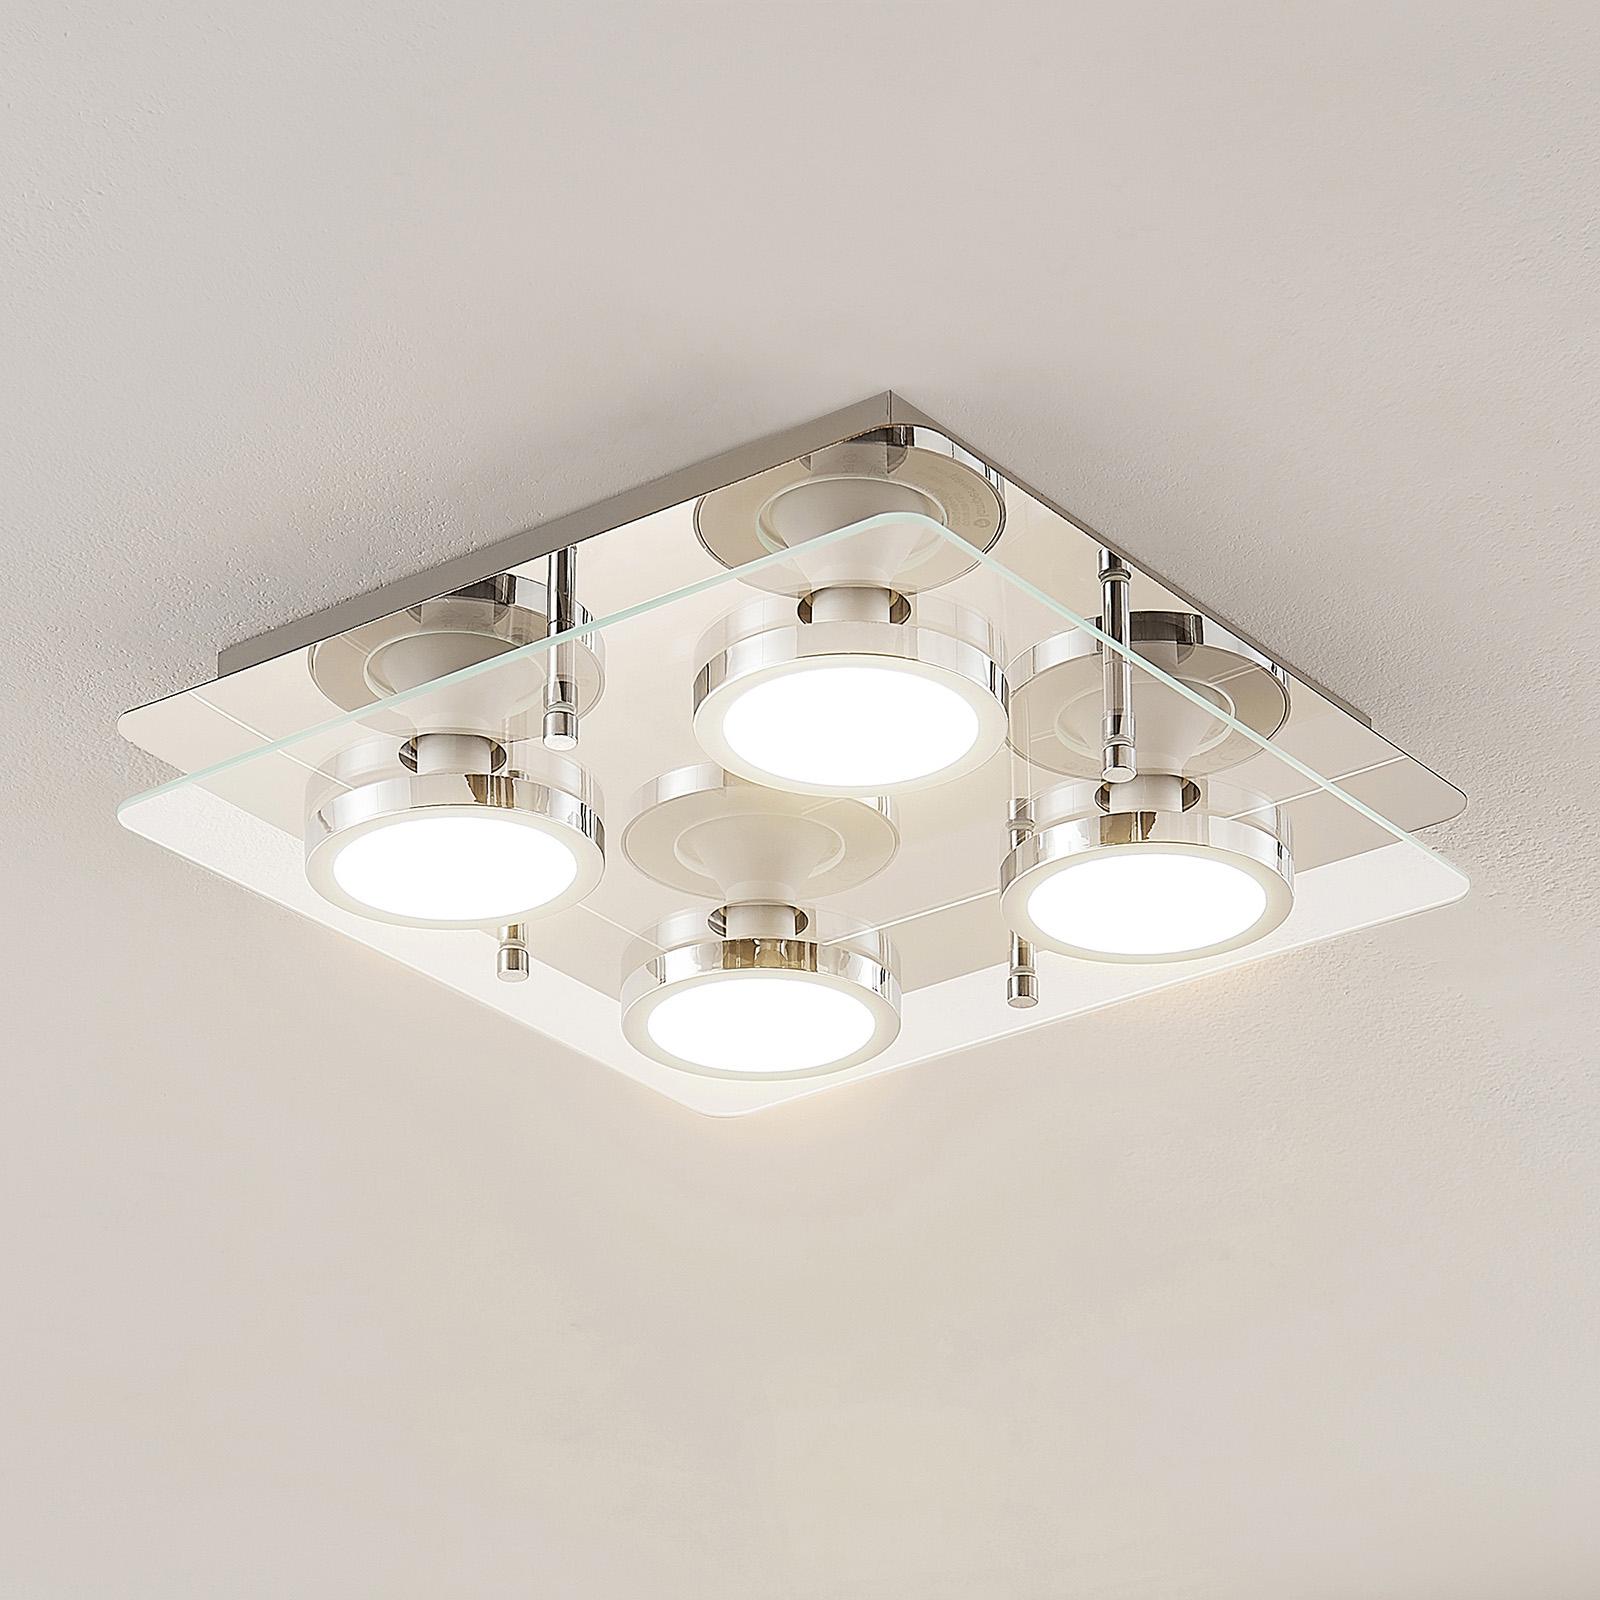 Lindby Gabryl LED-Deckenleuchte, vierflammig